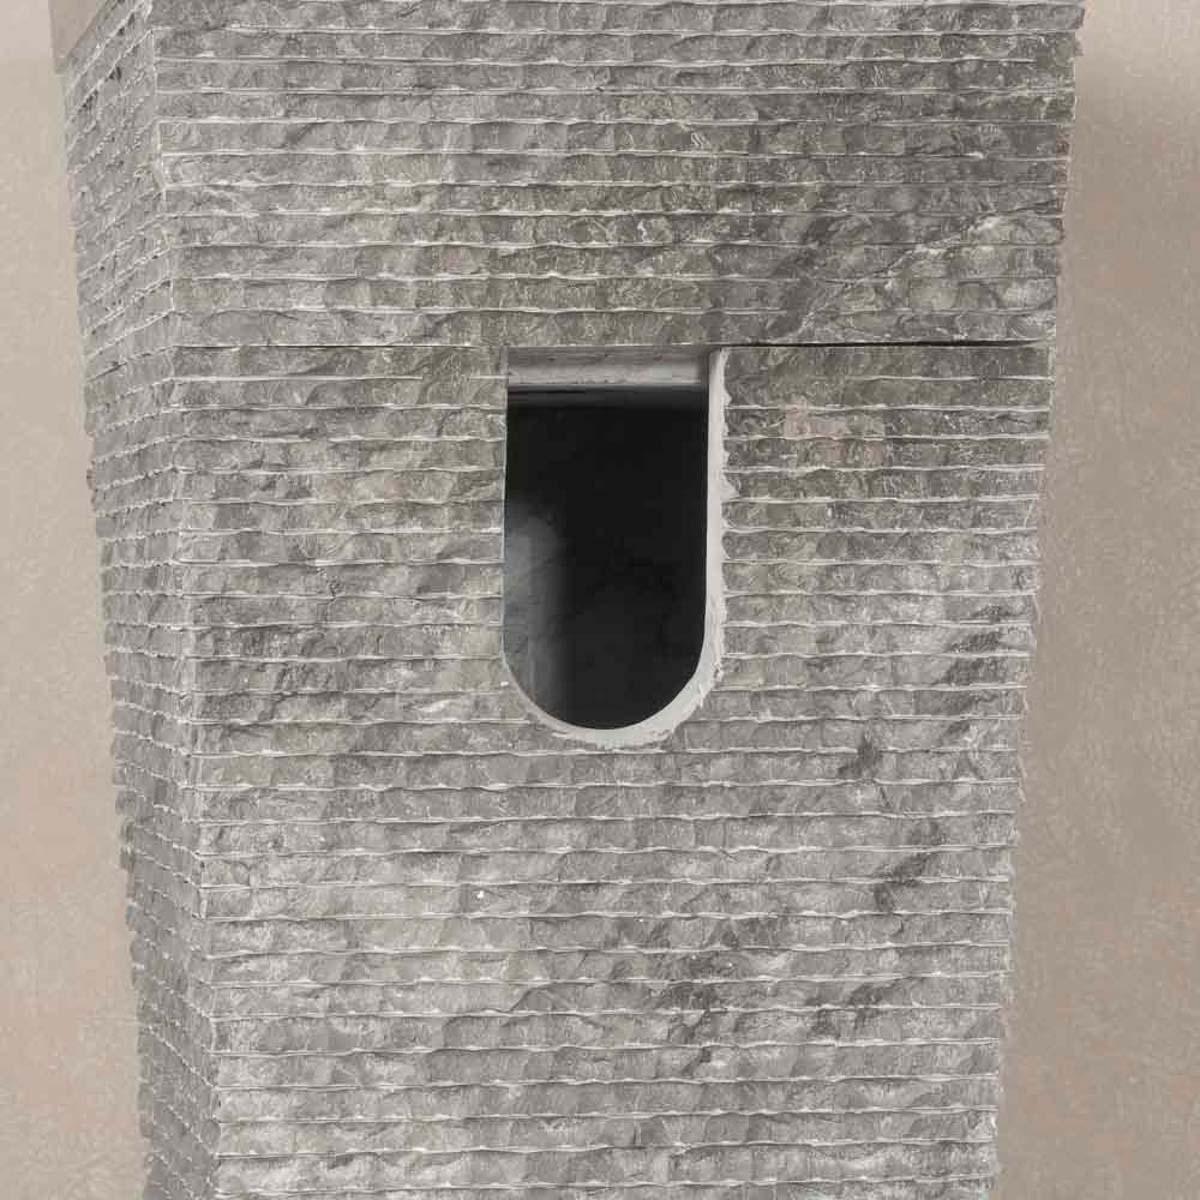 Vasque sur pied en marbre havana carr e noire d 40 cm - Vasque sur pied salle de bain ...